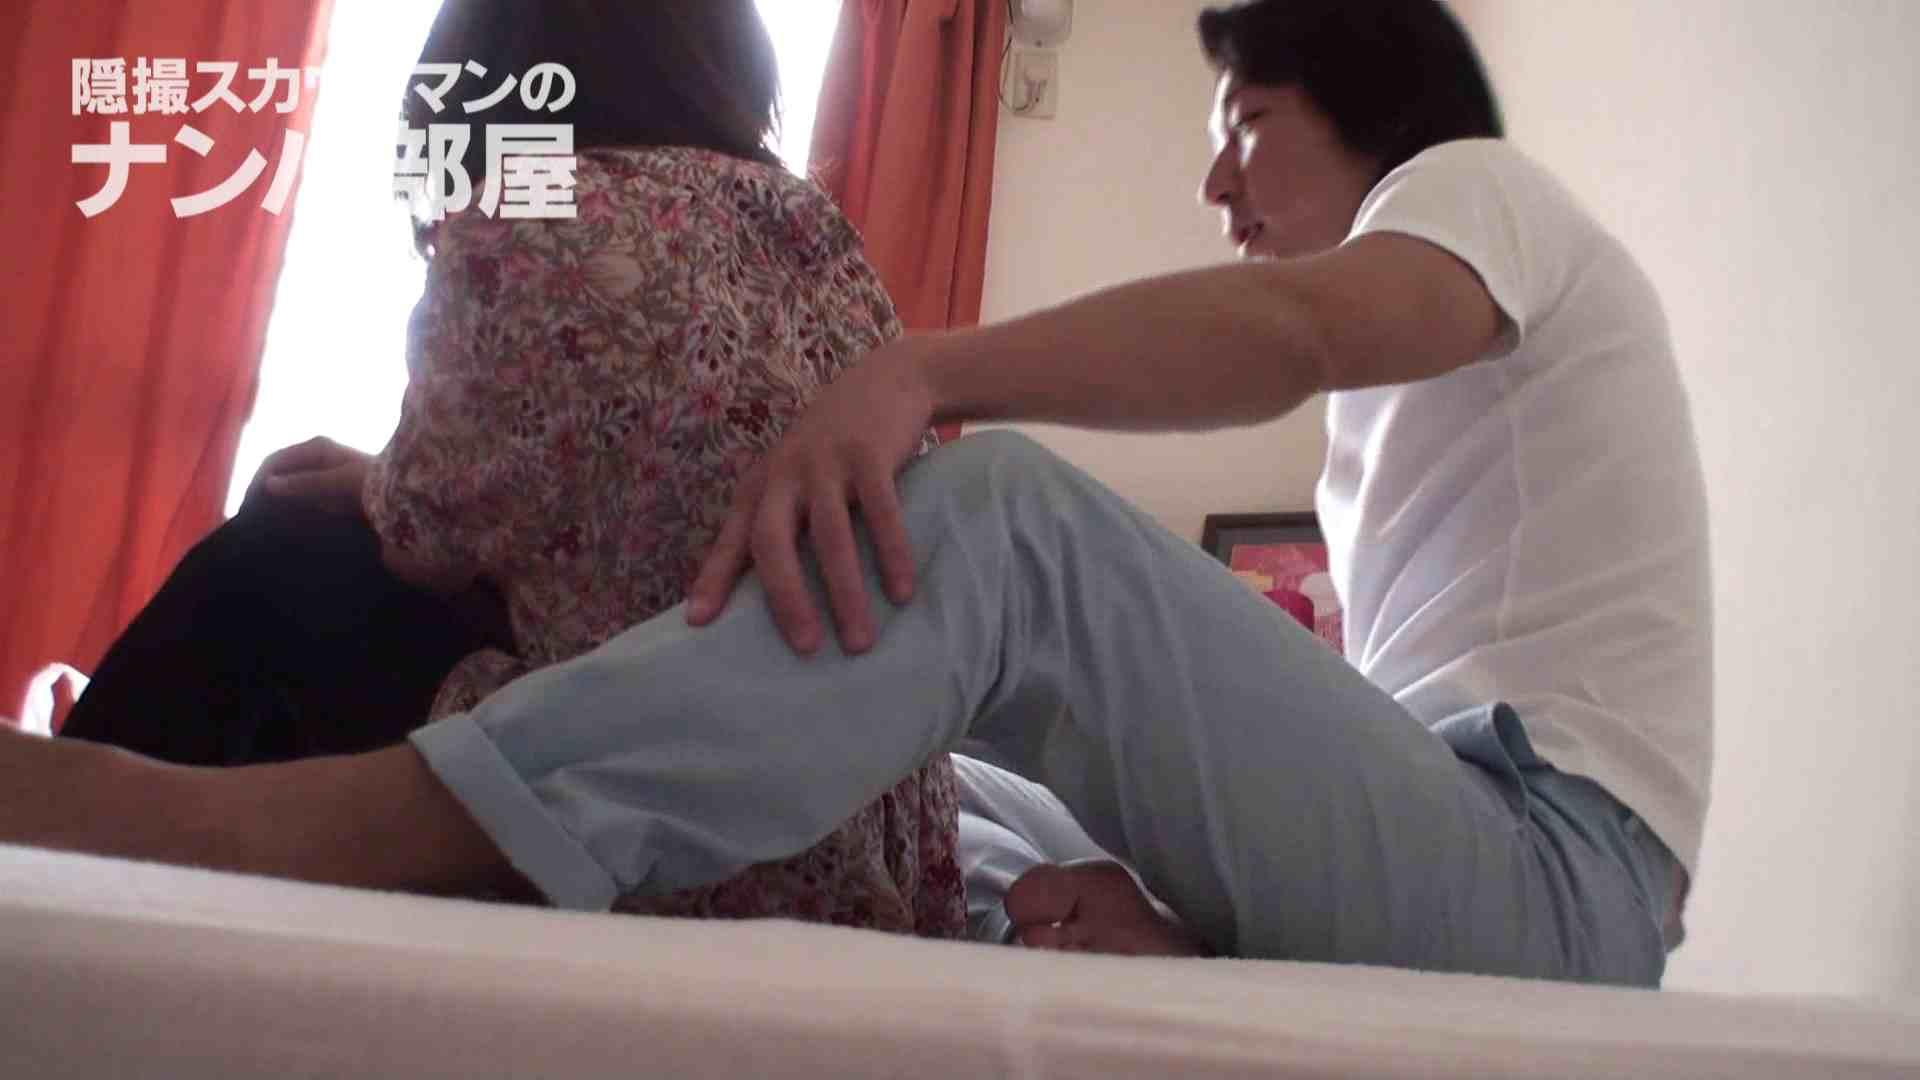 隠撮スカウトマンのナンパ部屋~風俗デビュー前のつまみ食い~ sii 脱衣所 | ナンパ  100連発 19